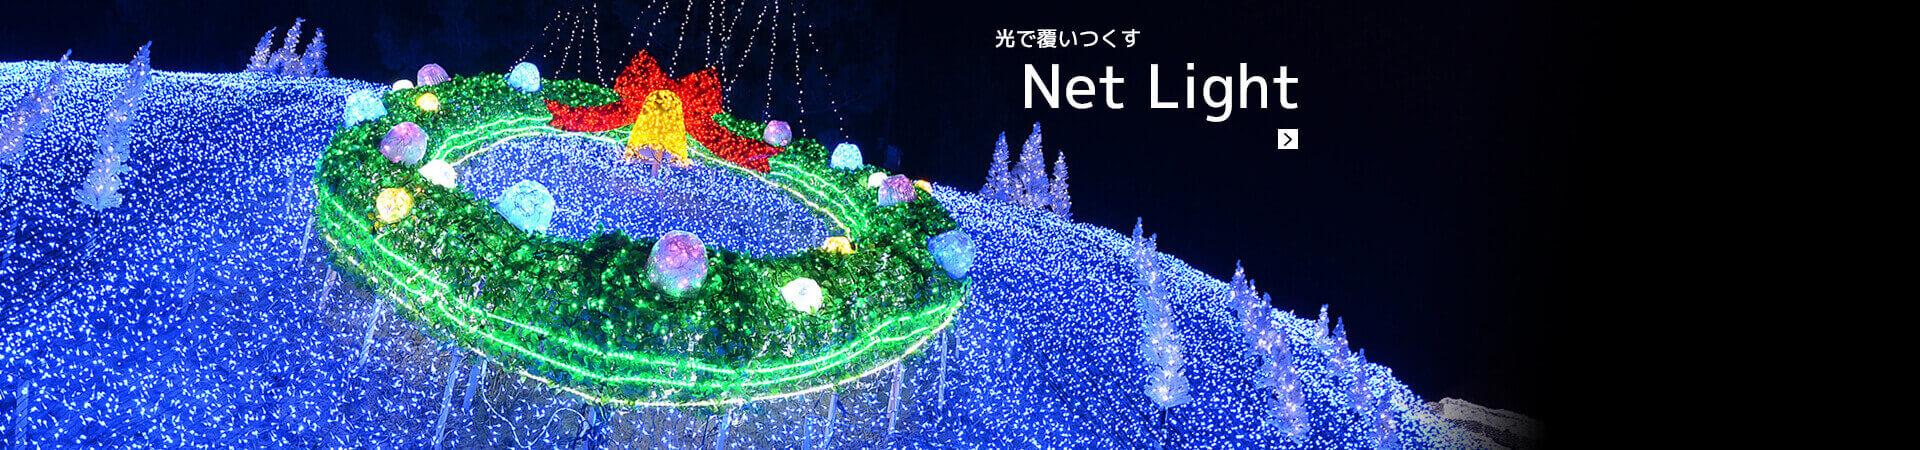 LEDイルミネーション電飾 ネットライト